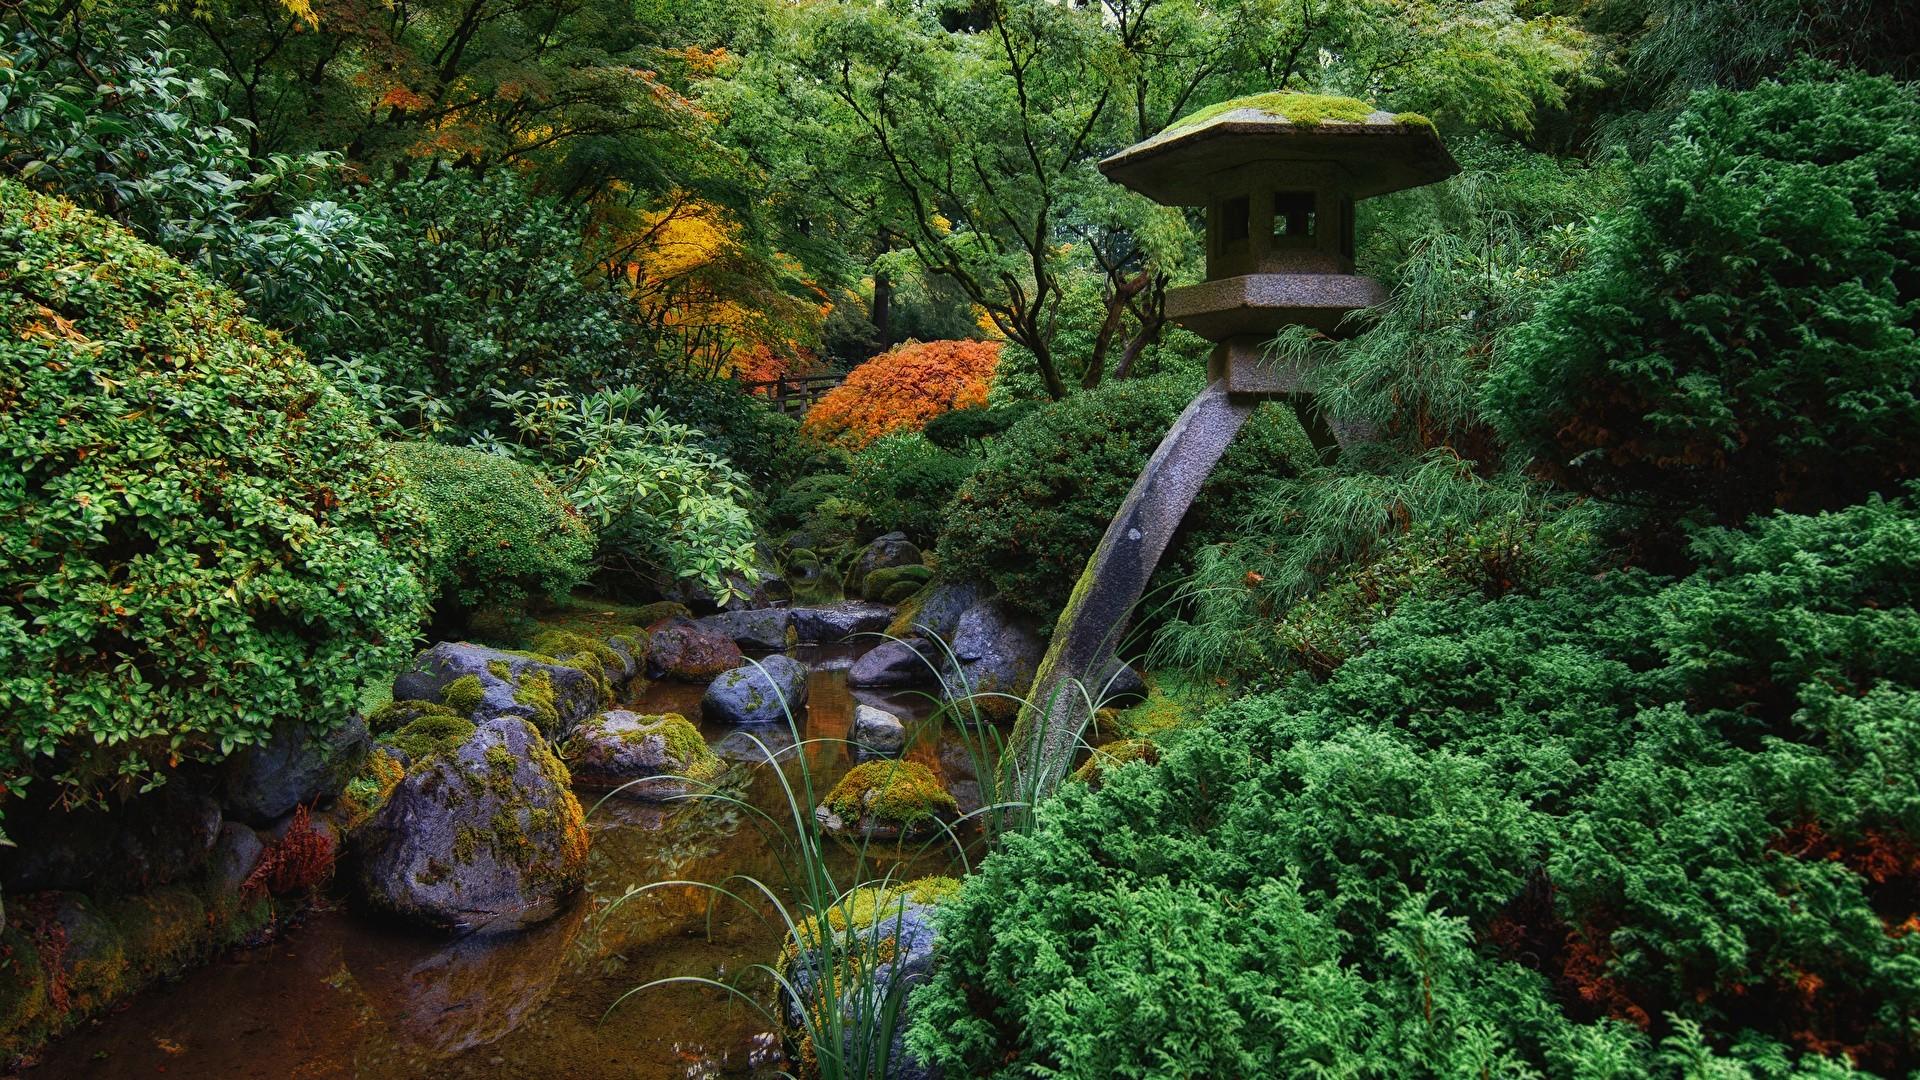 Japanese Garden wallpaper for desktop